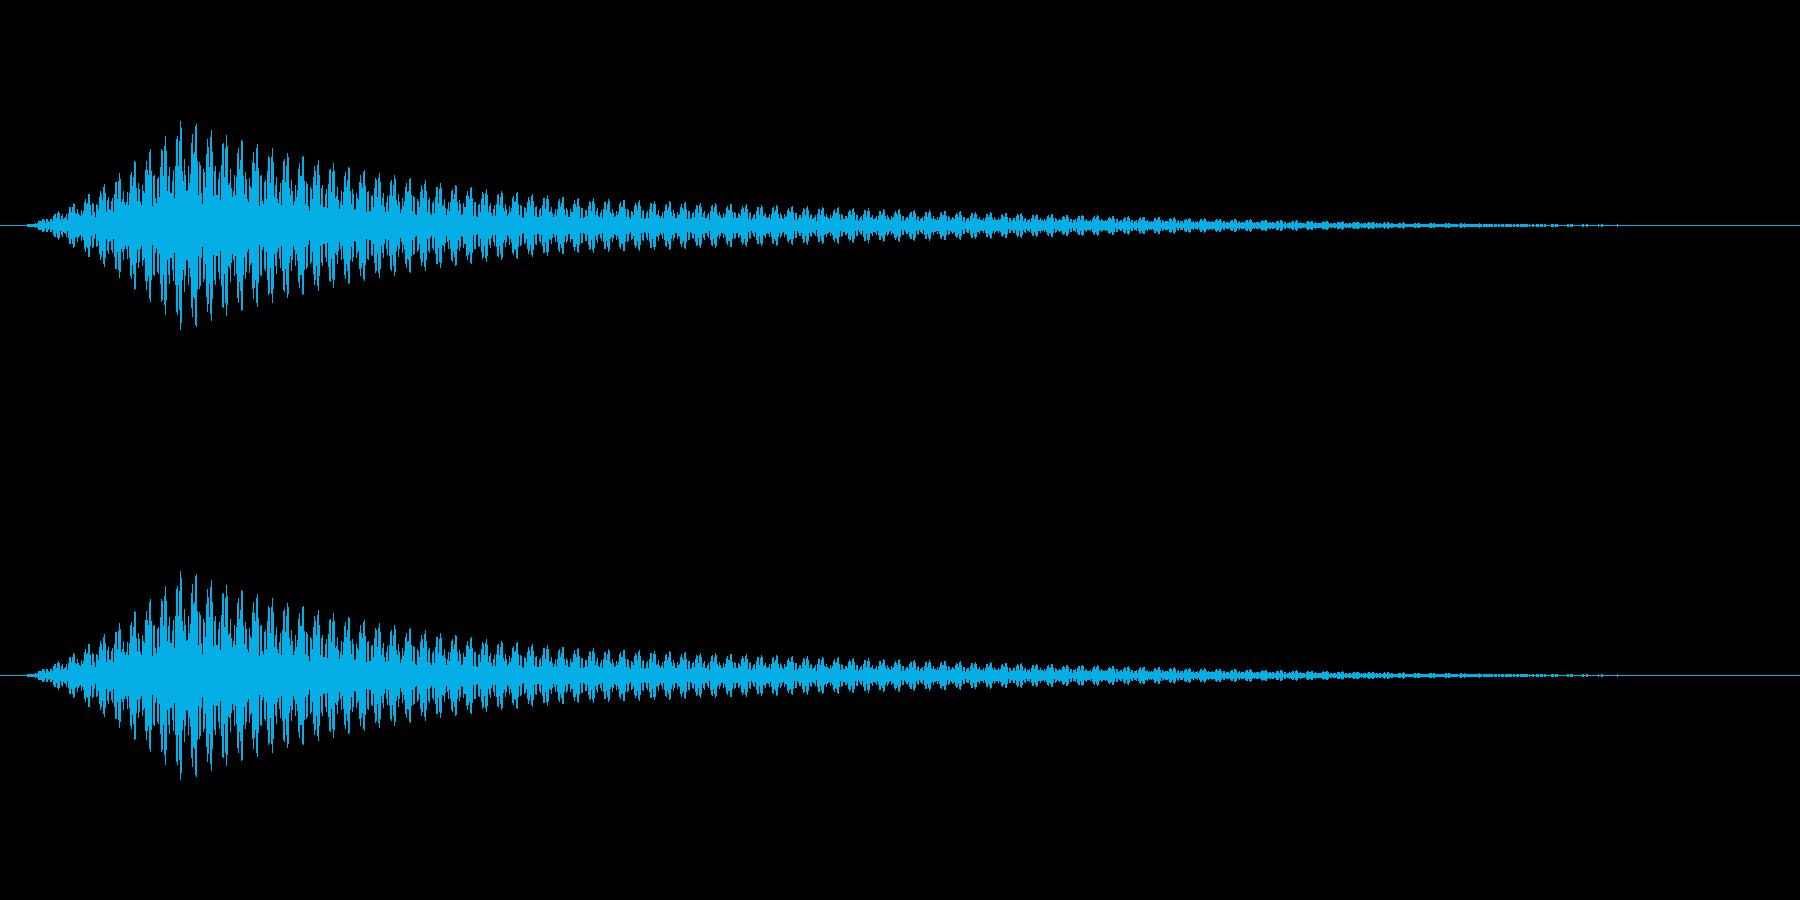 起動音その1の再生済みの波形